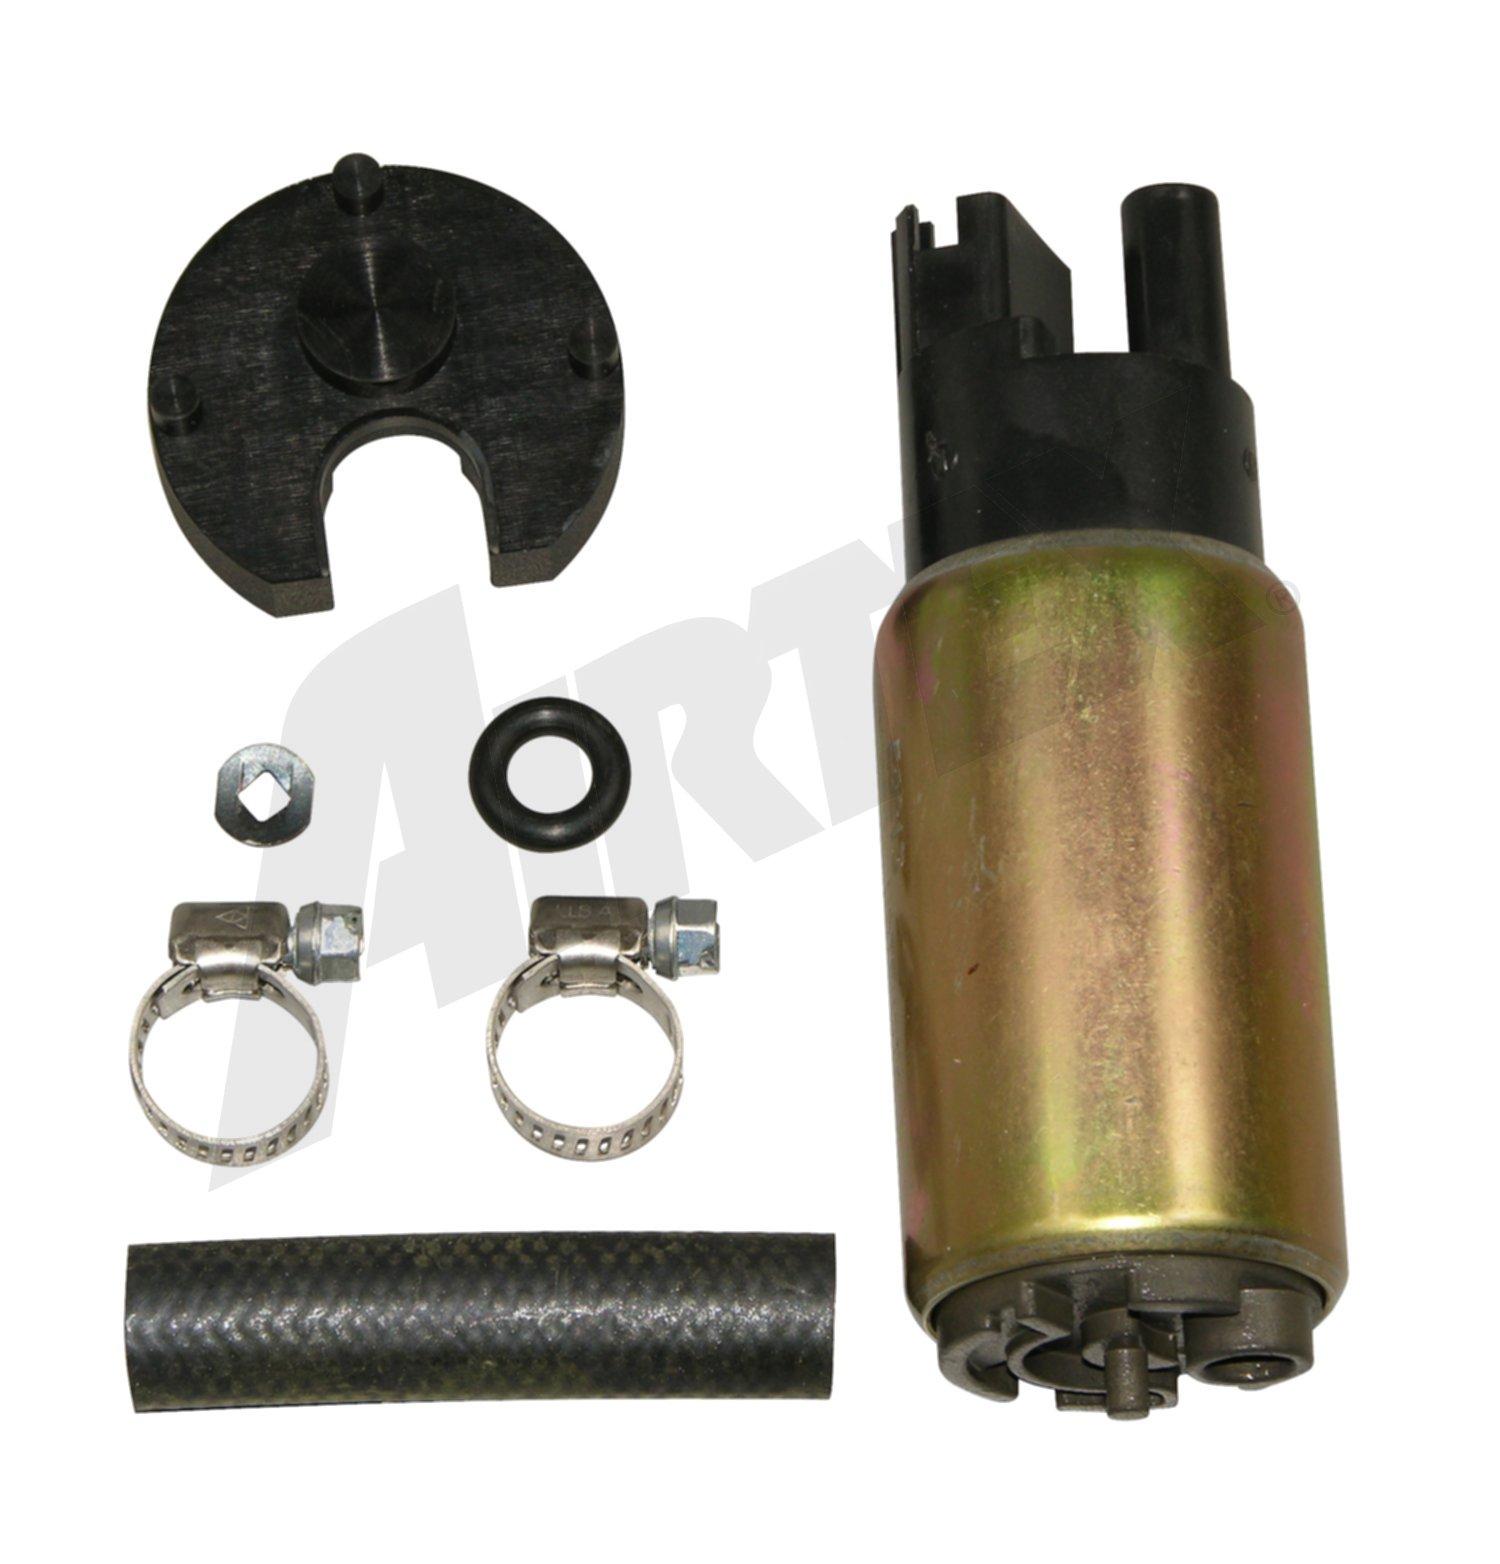 Image of Airtex Fuel Pumps E8213 Electric Fuel Pump Fits 1990-1998 Toyota Tercel